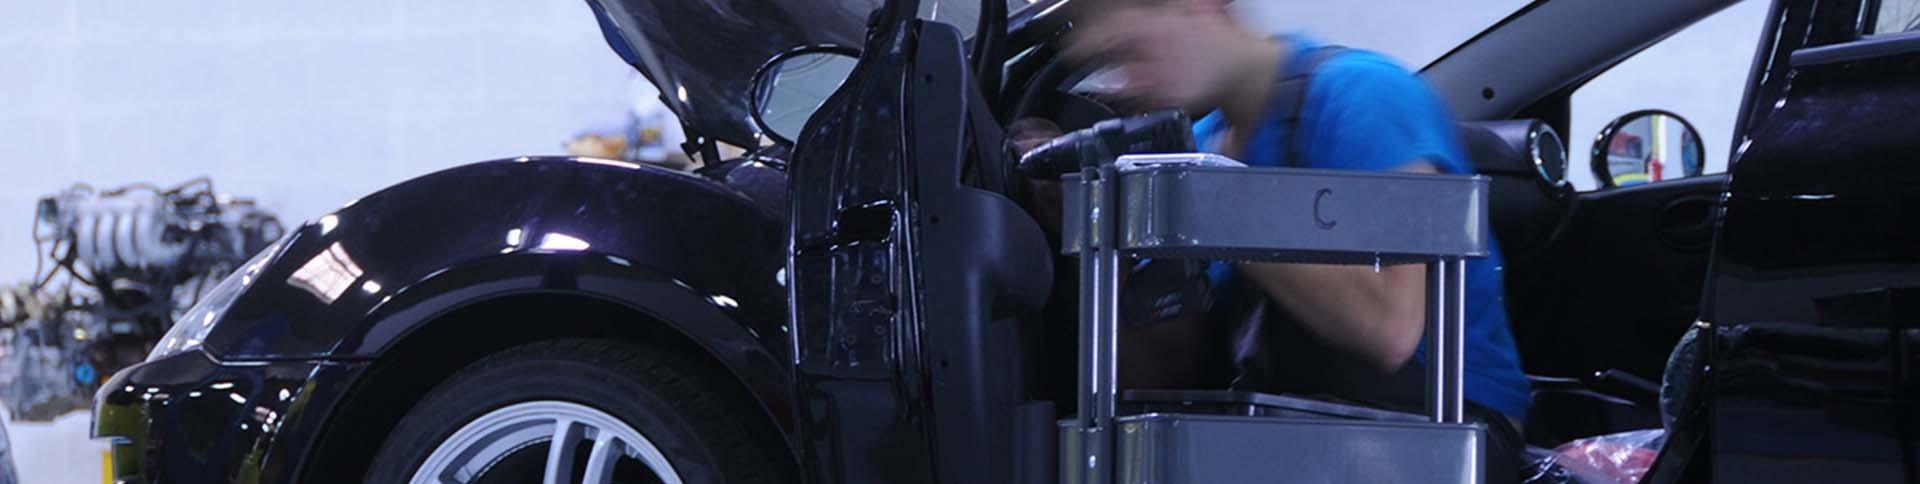 Mpm motors atelier.jpg